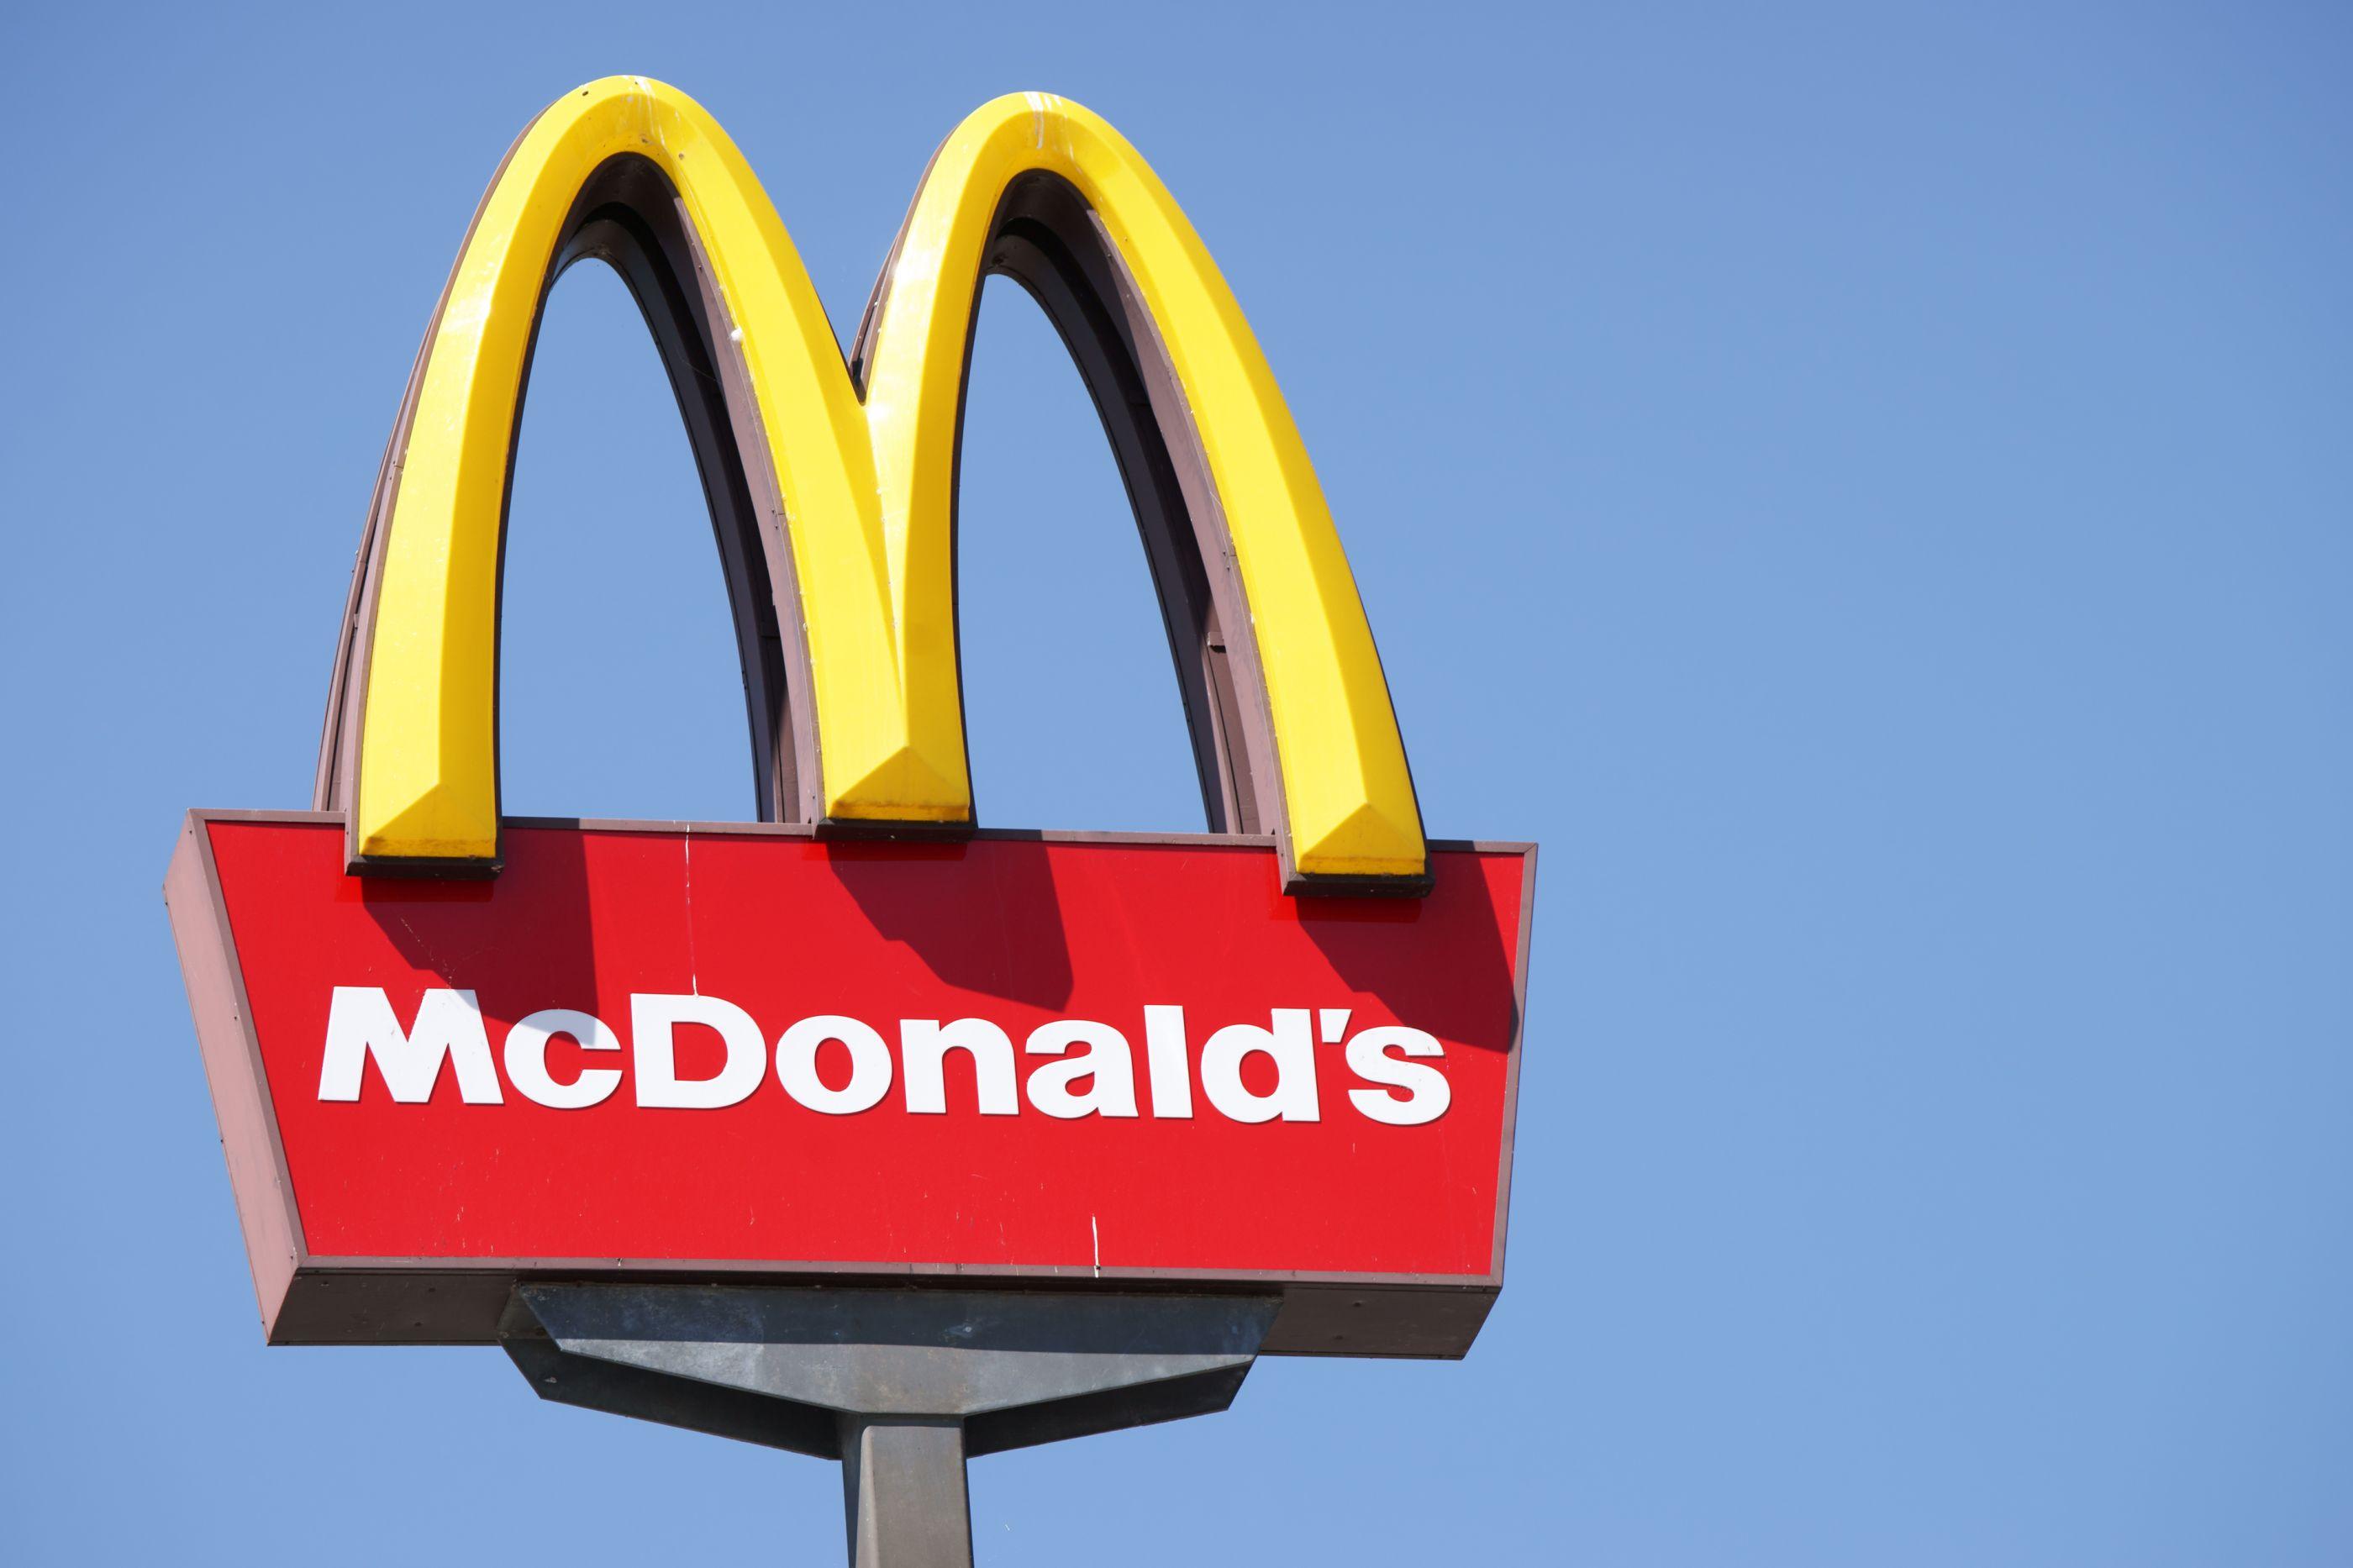 Menino queria um menu do McDonald's. Ligou ao serviço de emergência